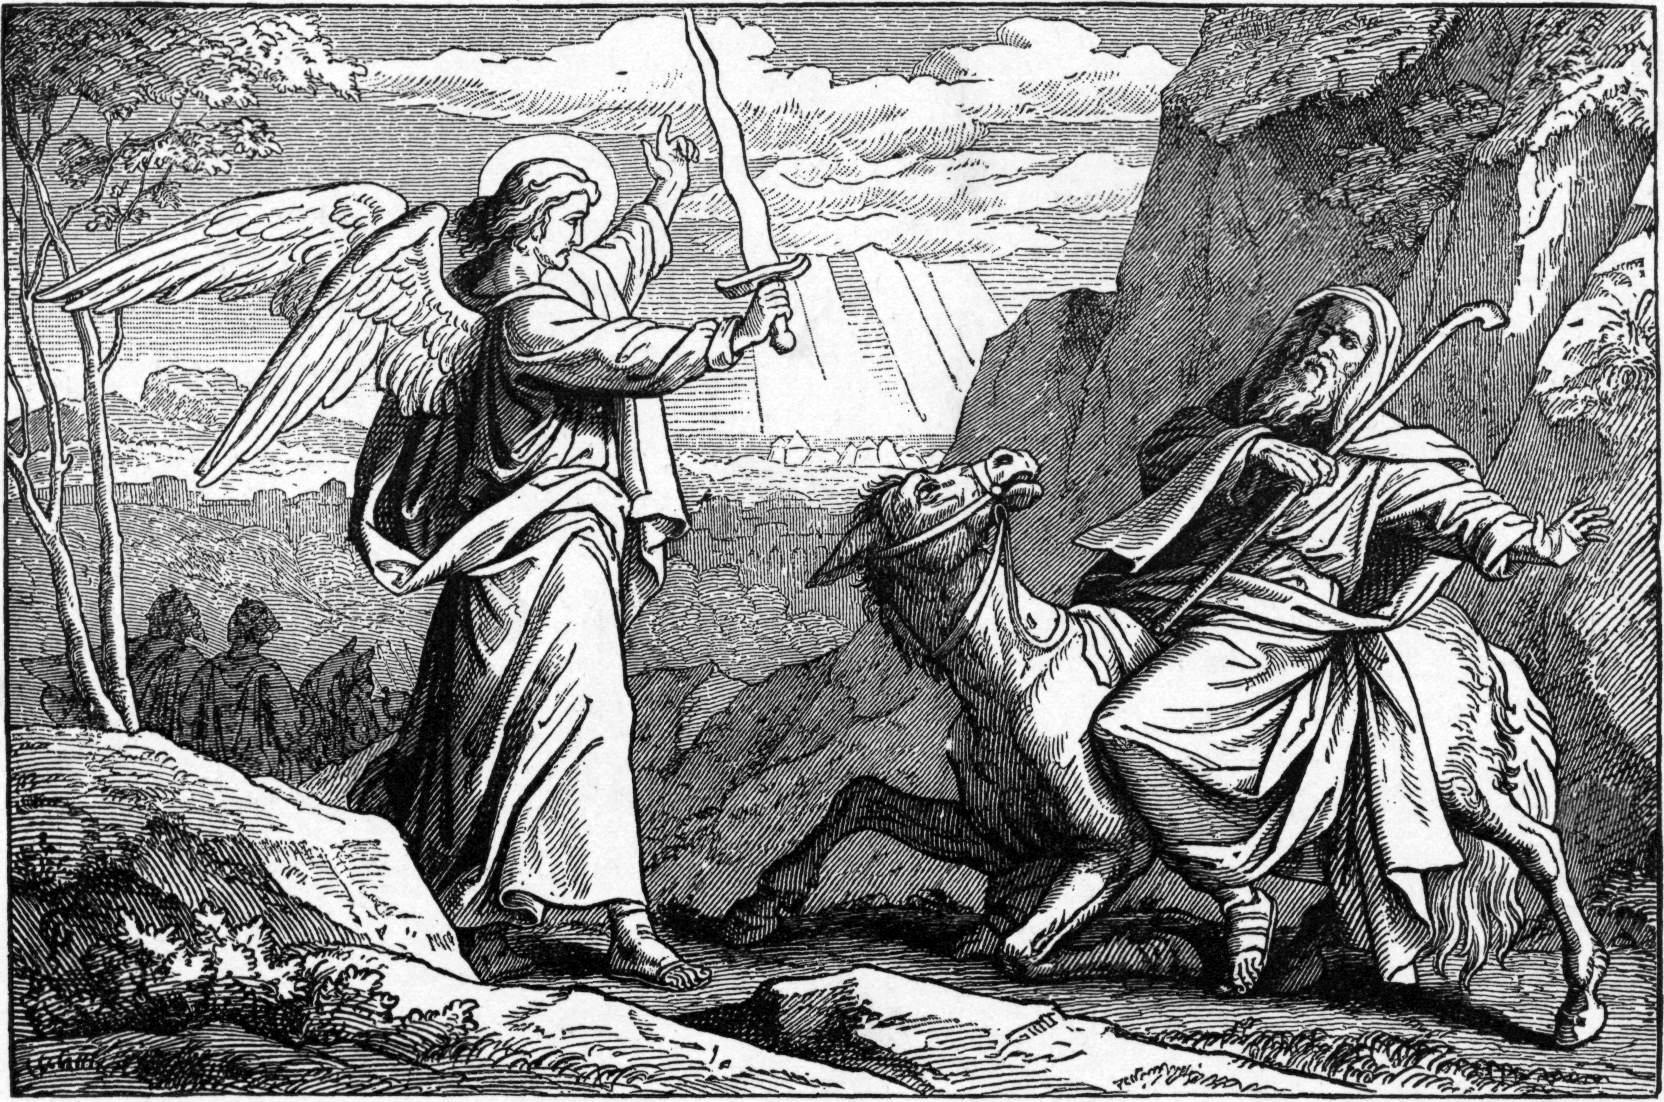 Встреча Билеама и ангела. Иллюстрация к изданию Библии Чарльза Фостера, 1897